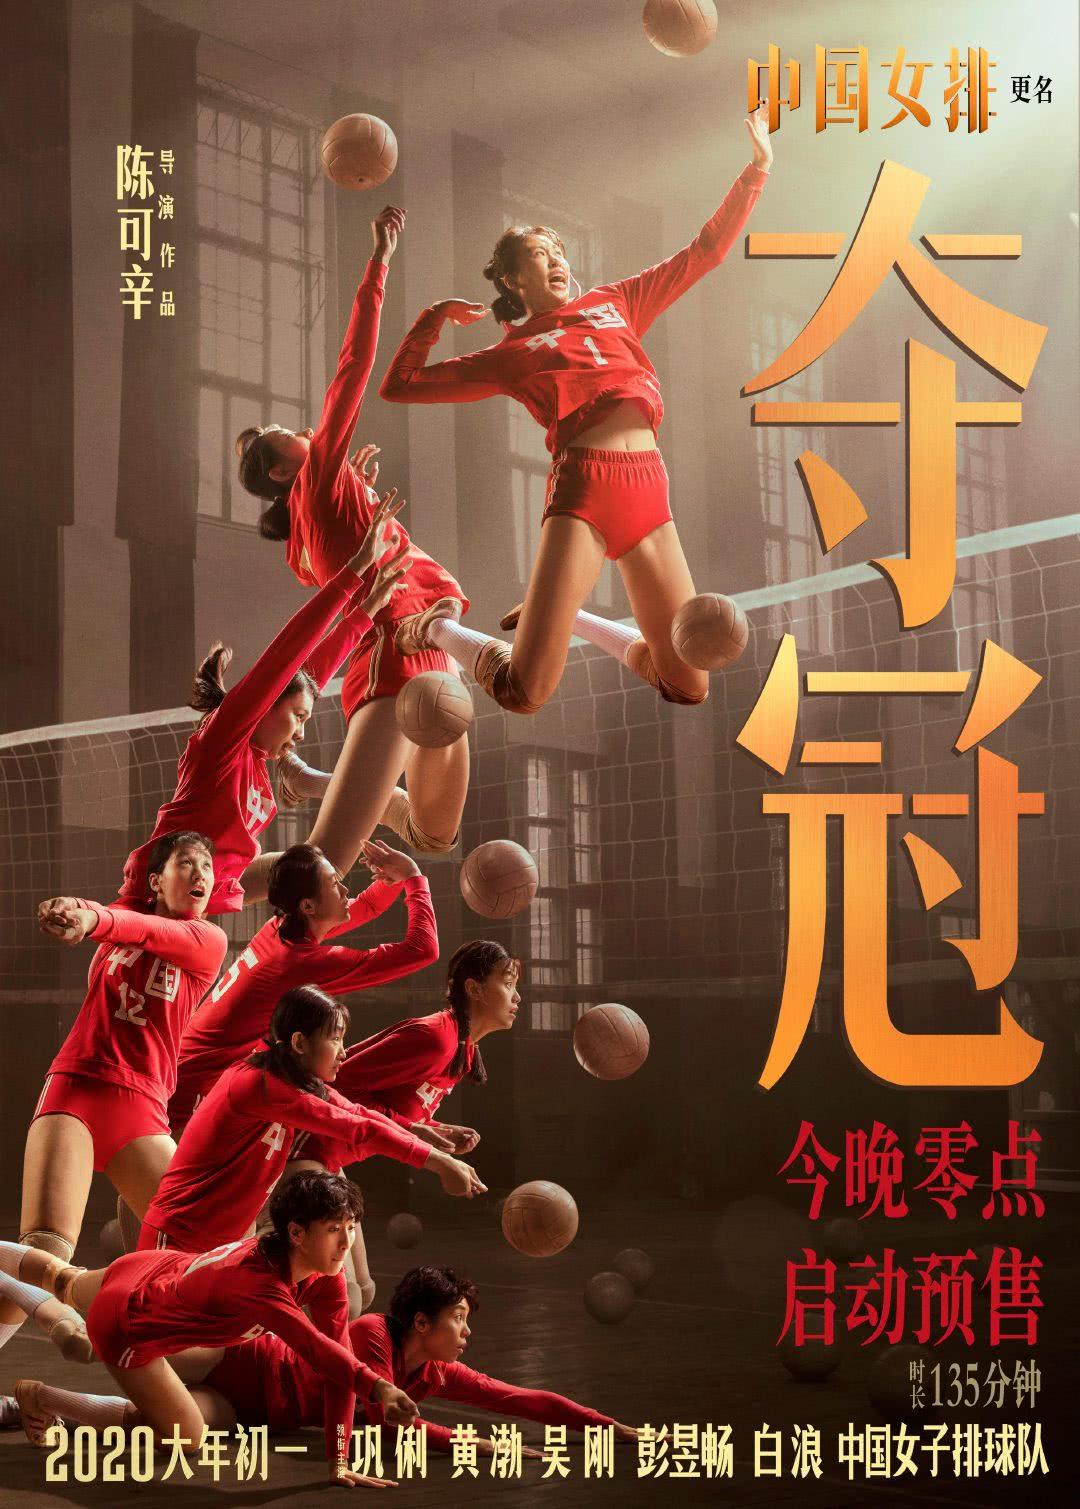 热议《中国女排》更名!朱婷将迎荧屏首秀,影评人:口碑好值得看